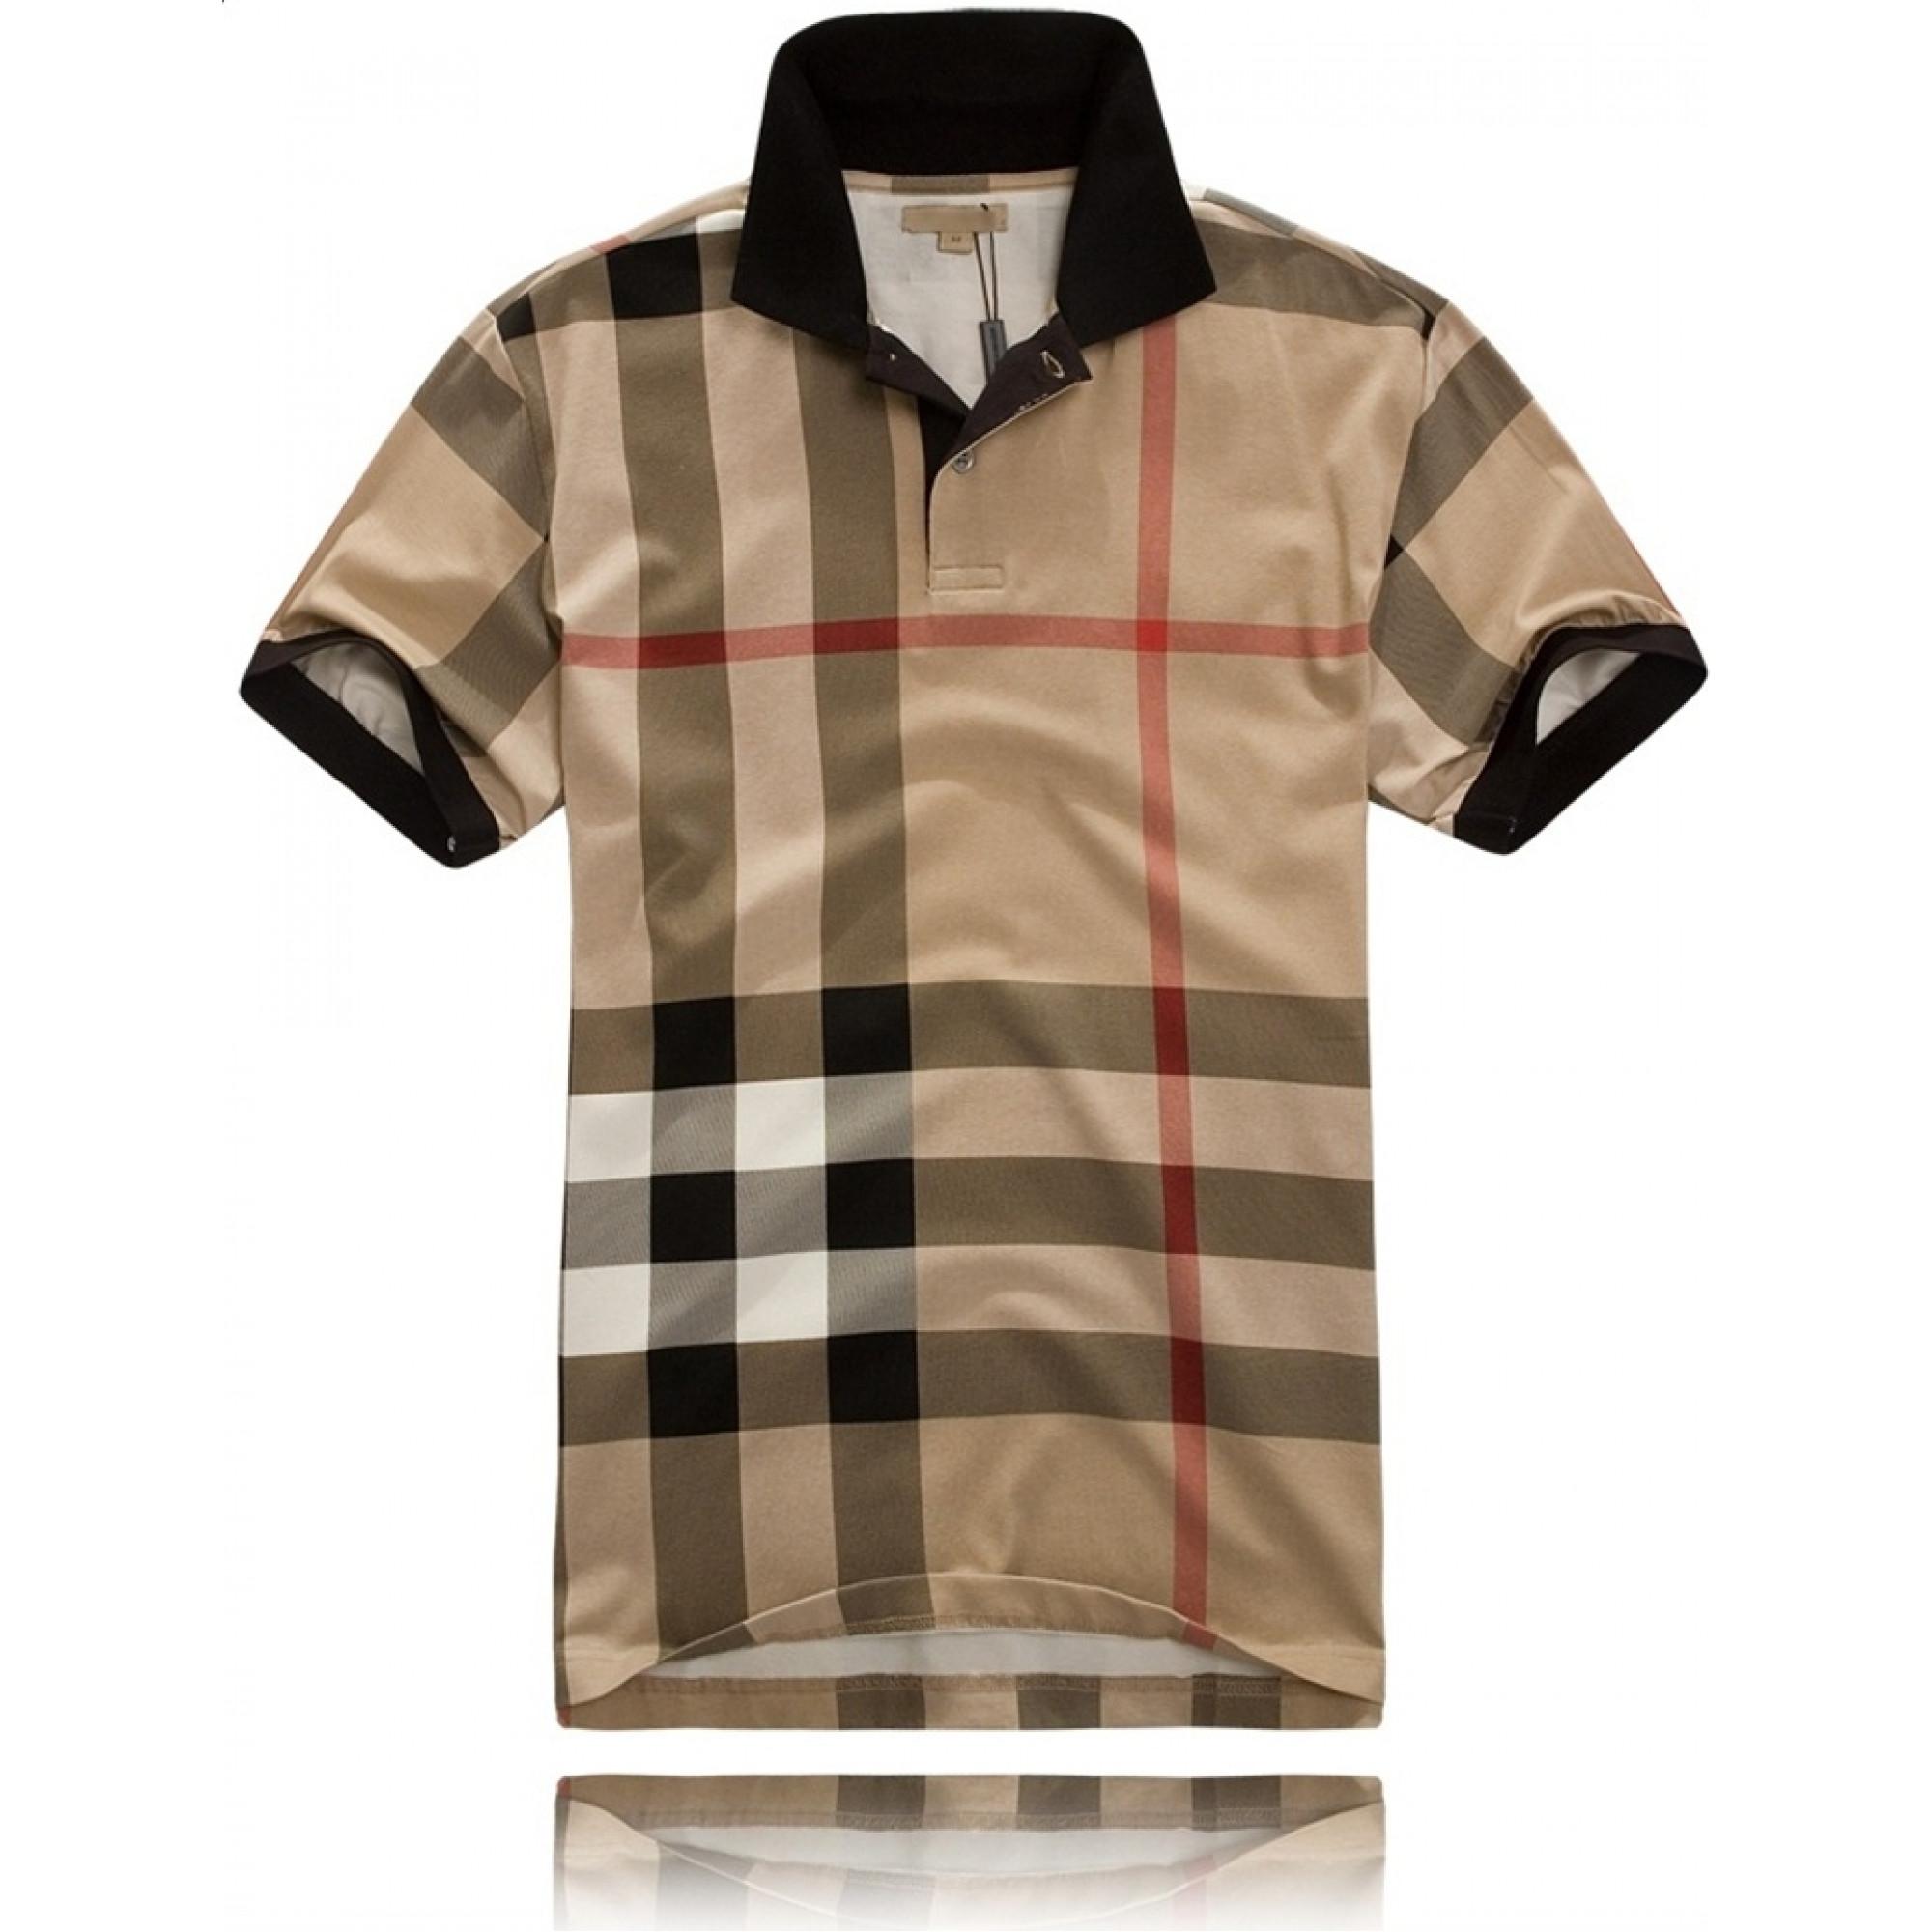 090e869a194b Купить мужская футболка Burberry — в Киеве, код товара 9086